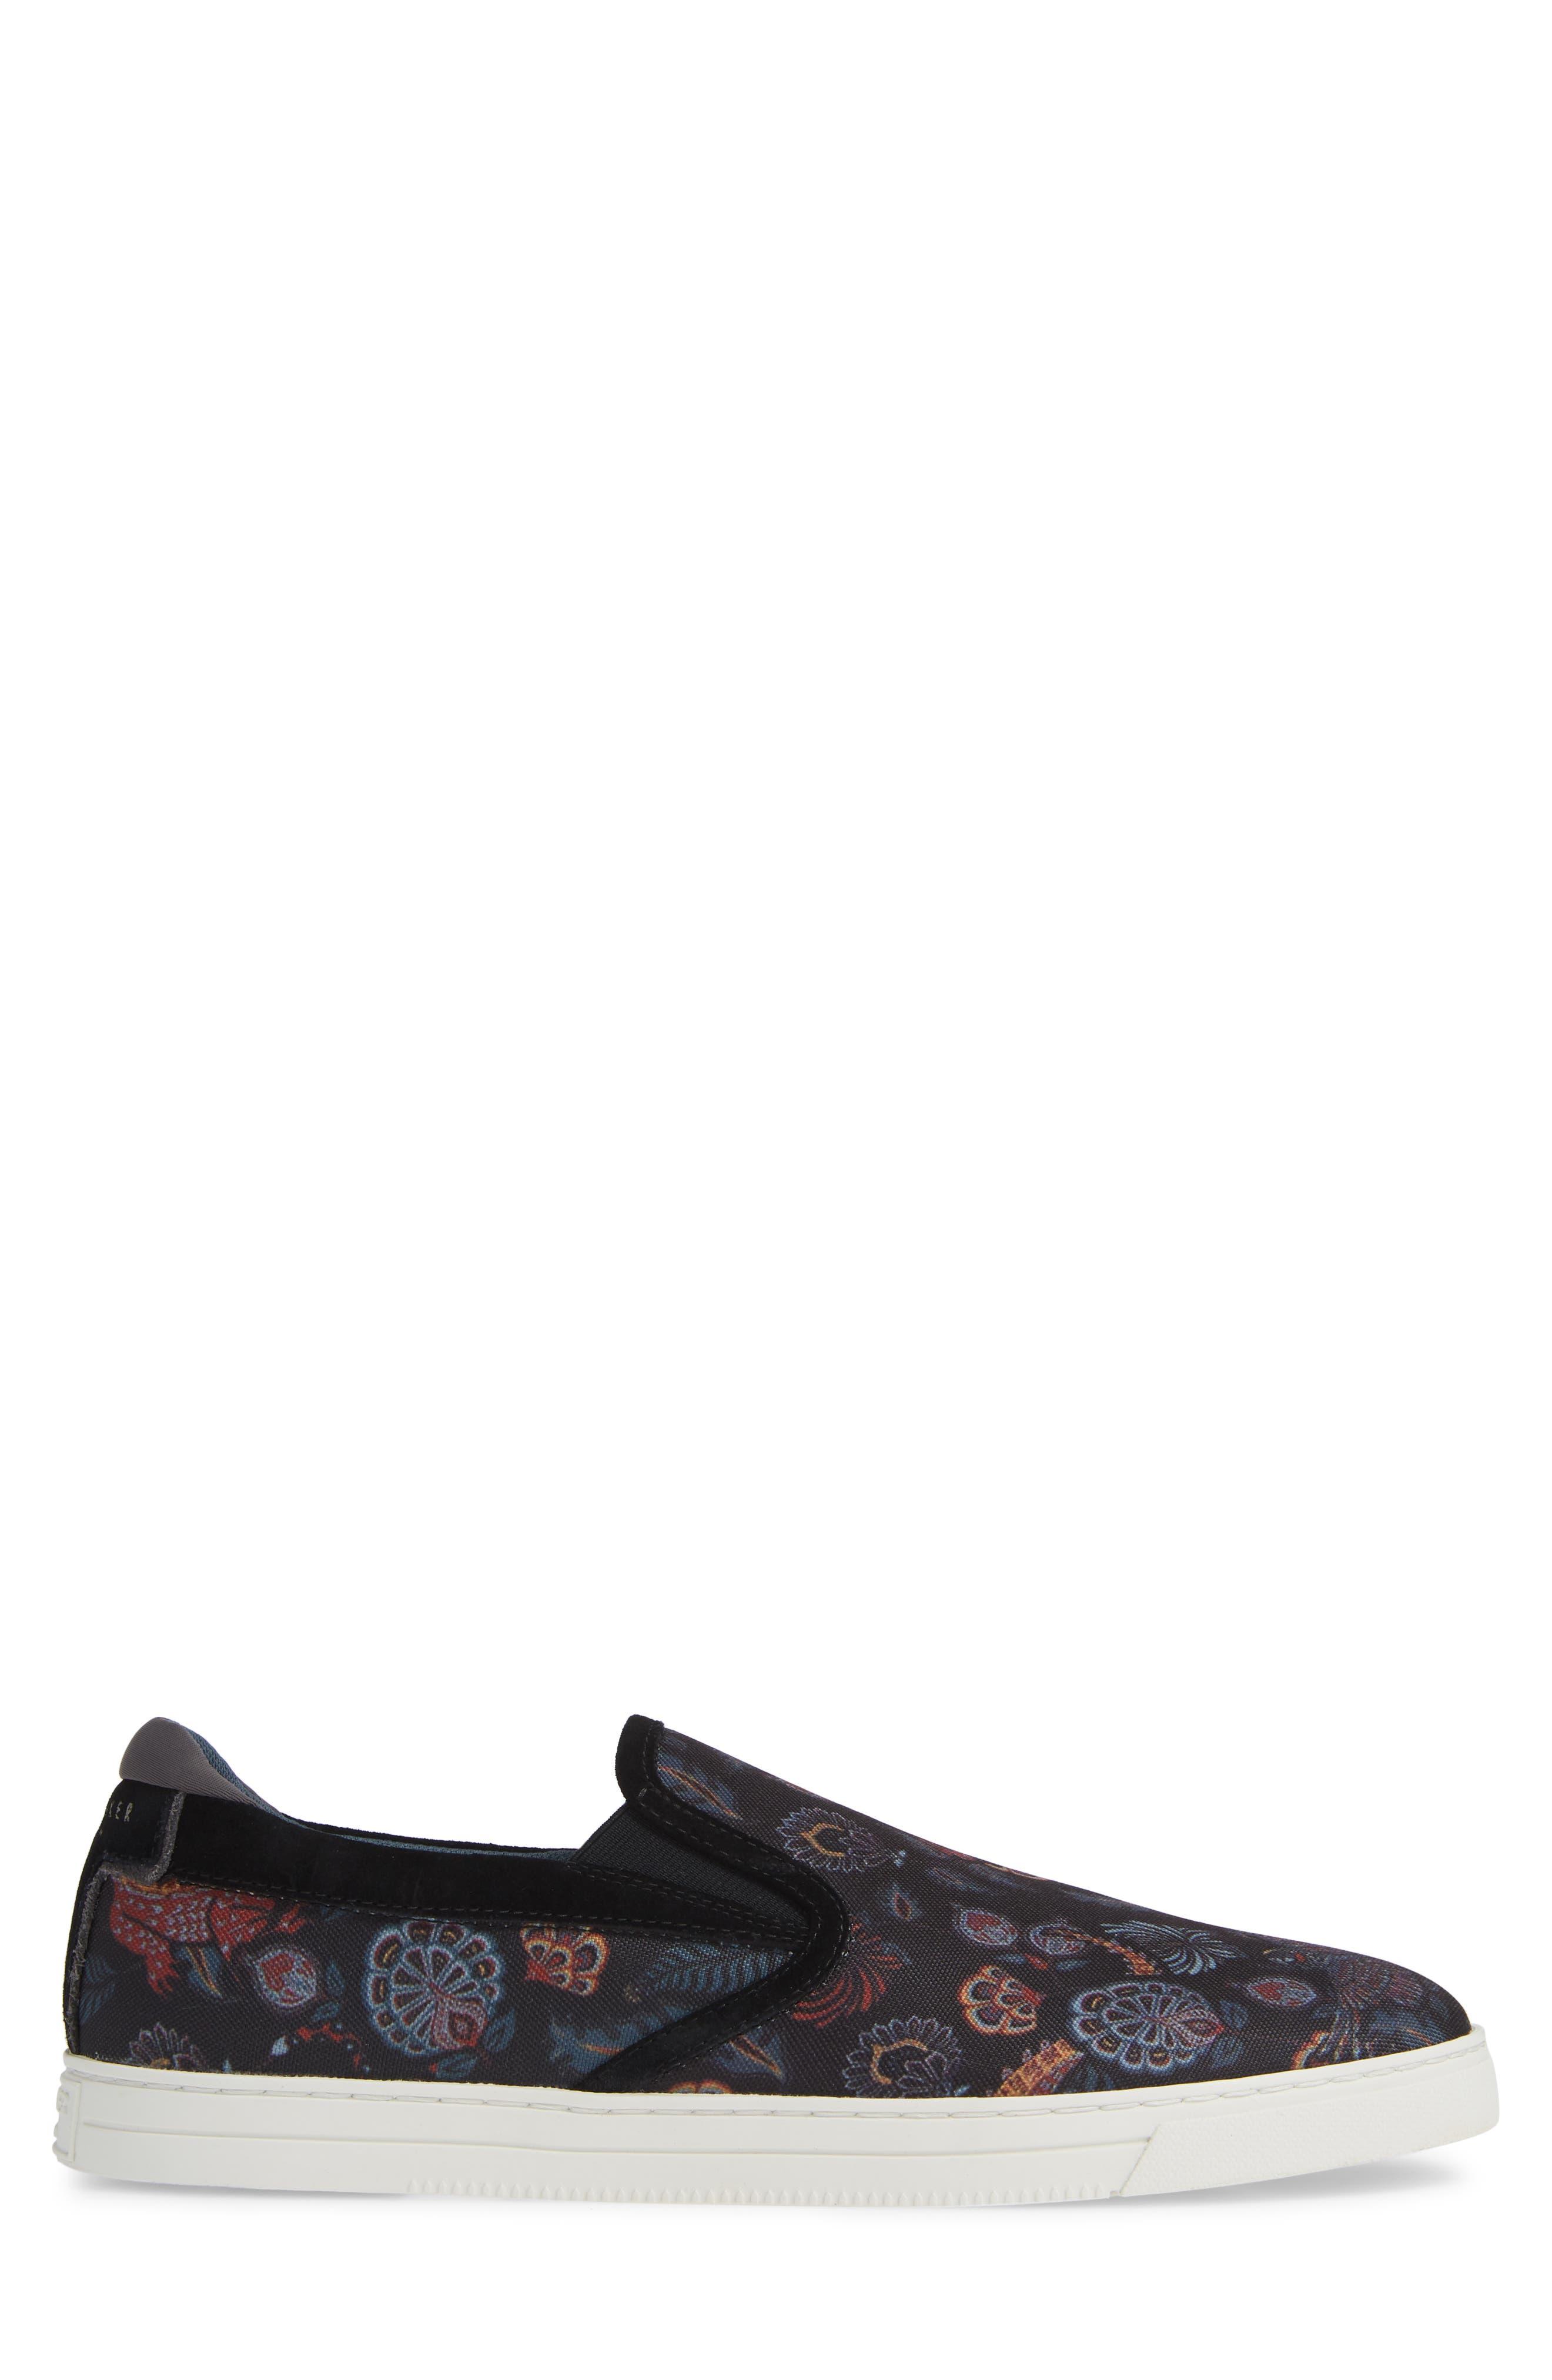 TED BAKER LONDON, Mhako Slip-On Sneaker, Alternate thumbnail 3, color, BLACK/ GREY